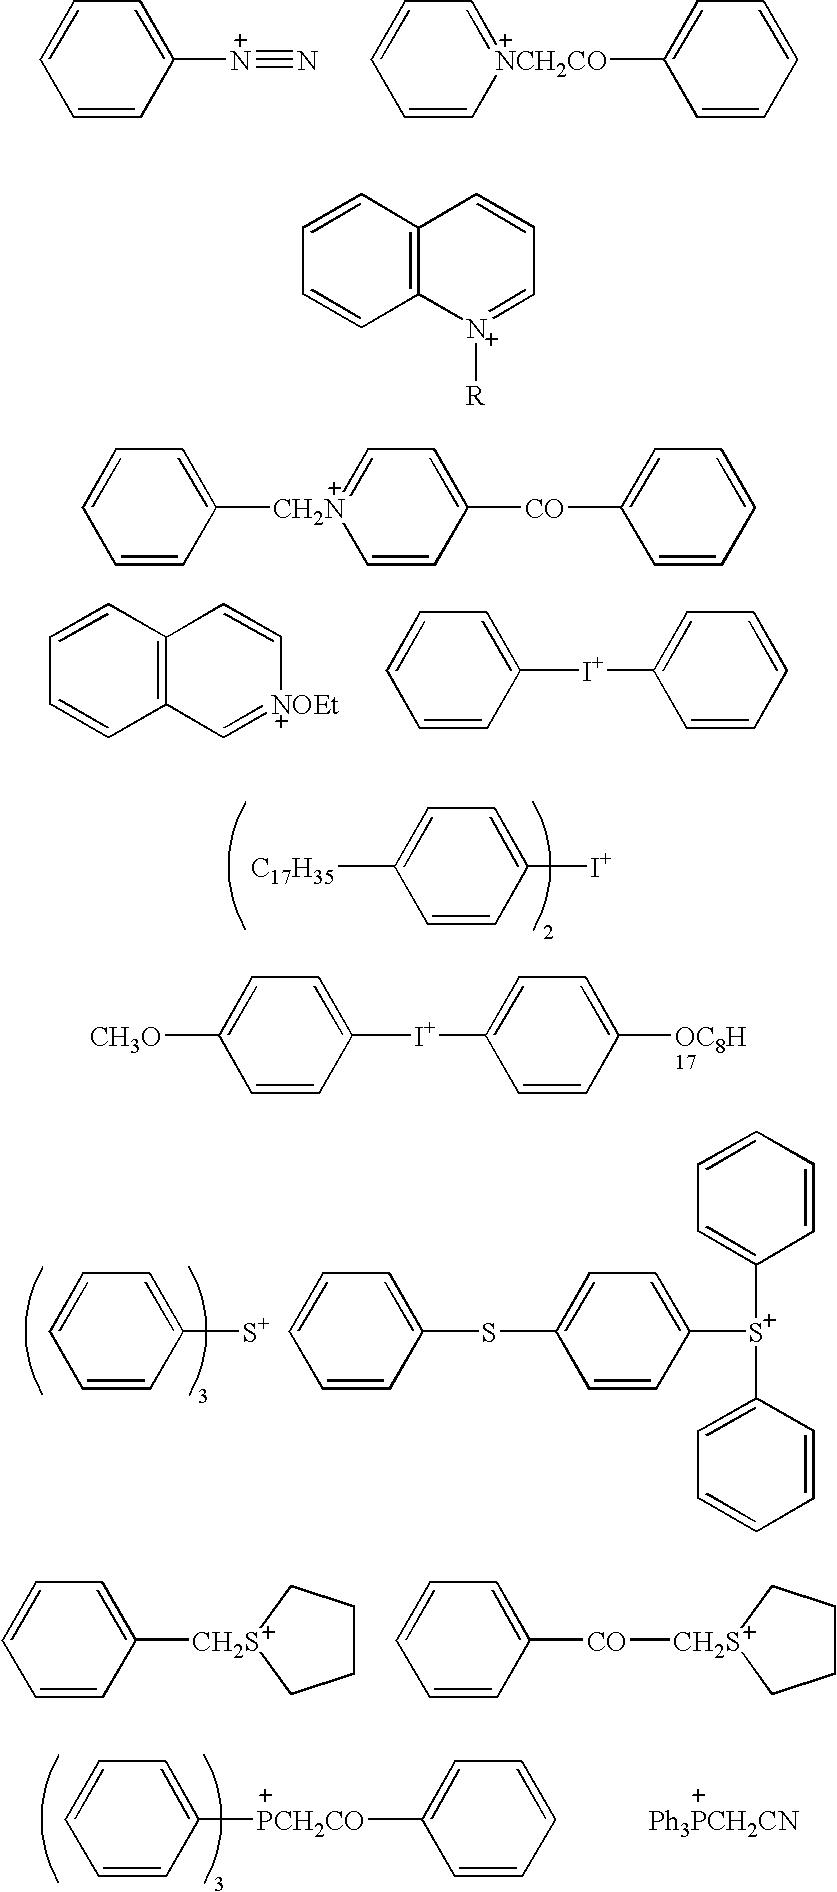 Figure US07080900-20060725-C00001